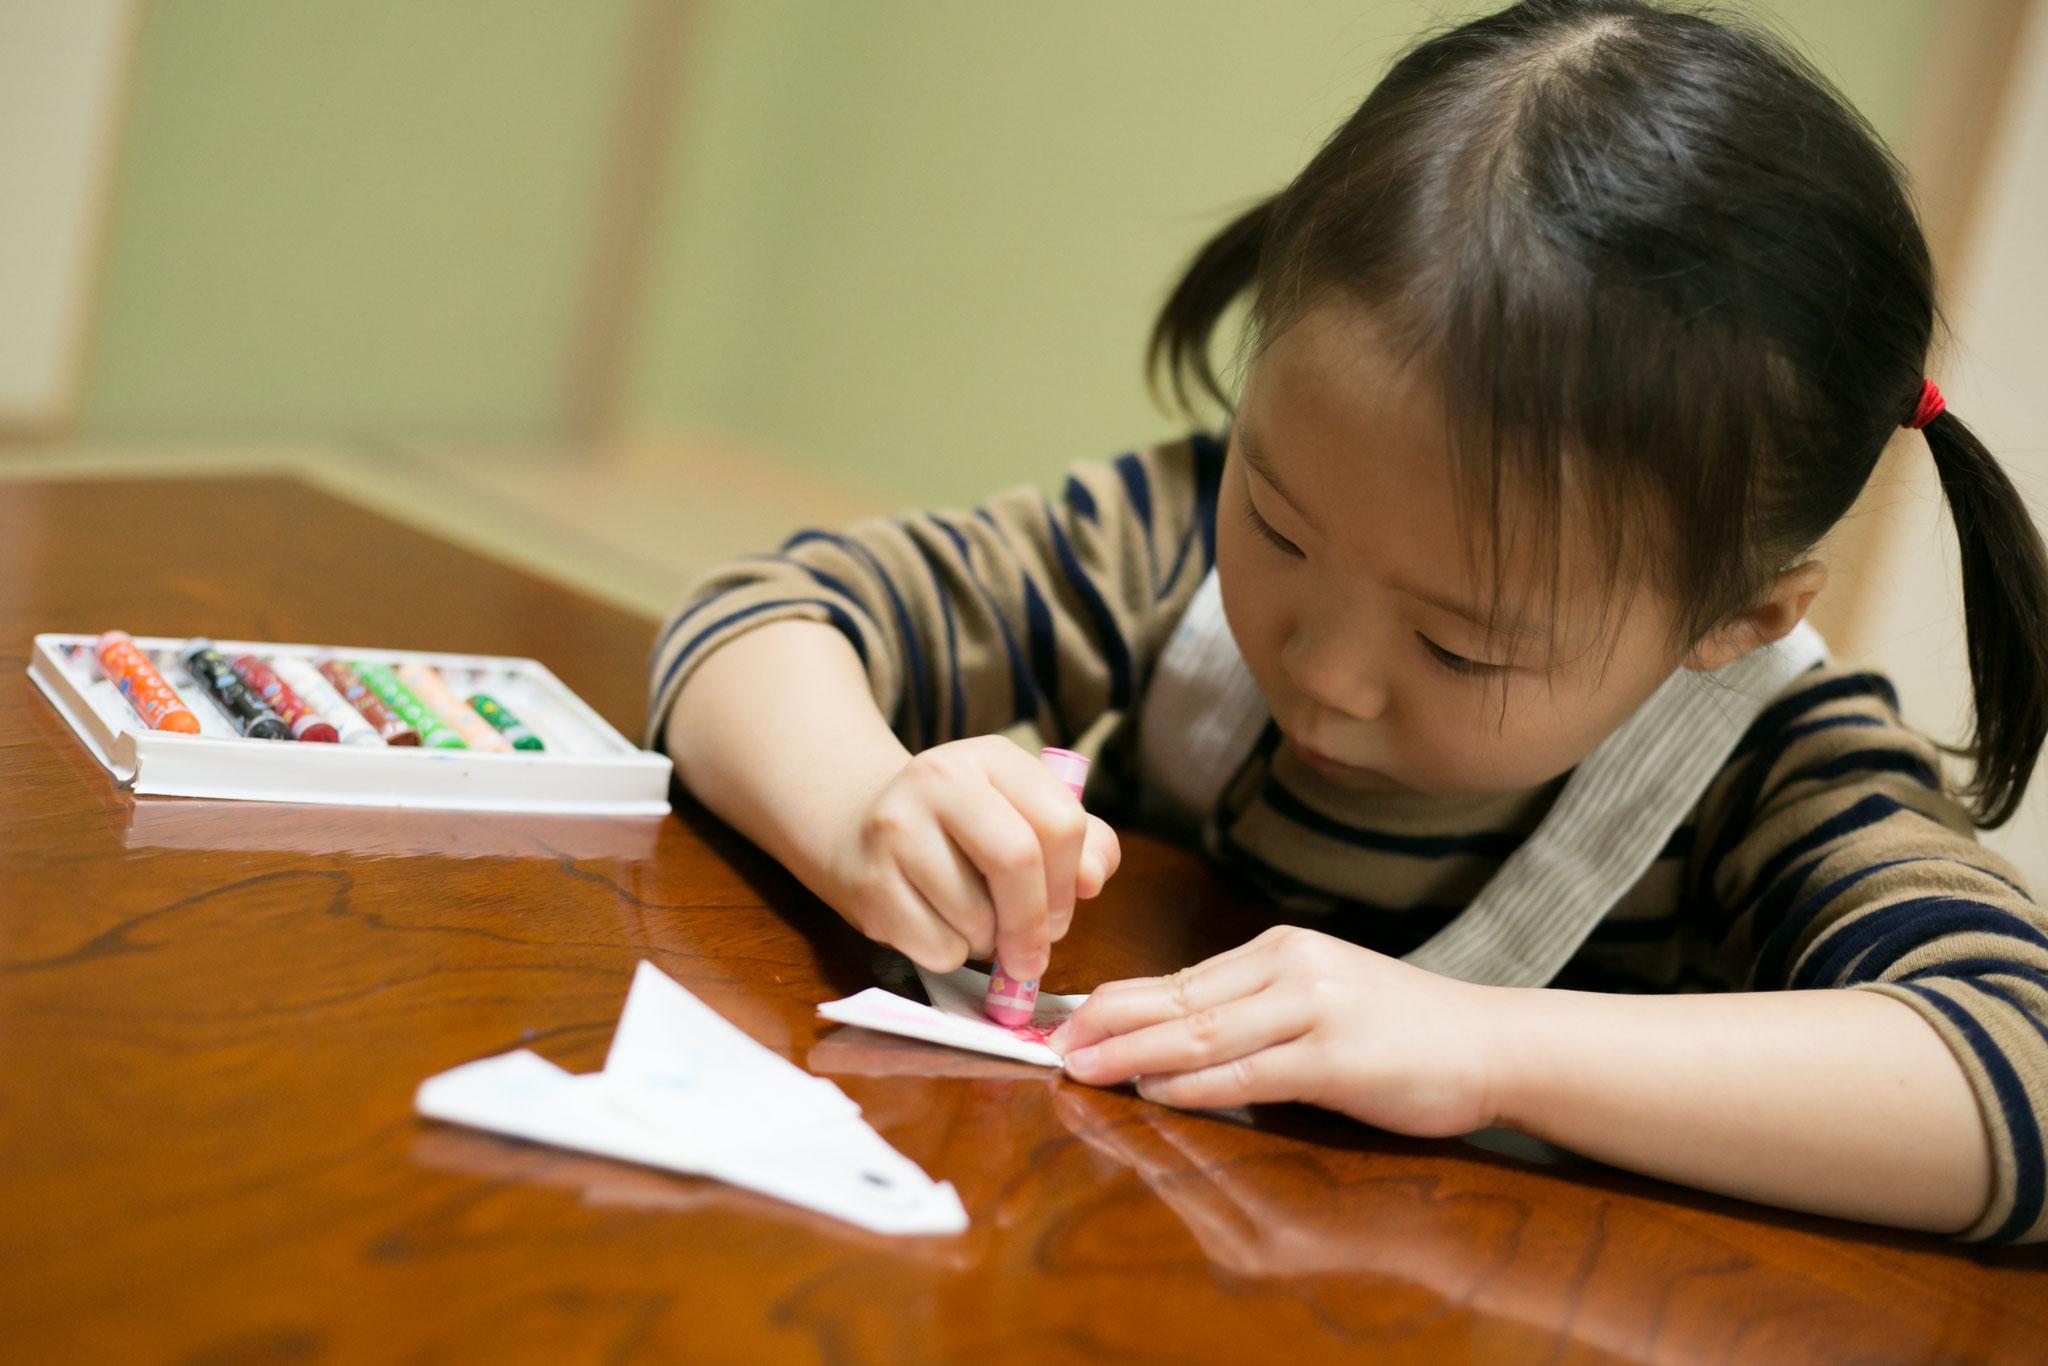 子供たちが、思い思いにクレヨンで色を入れています